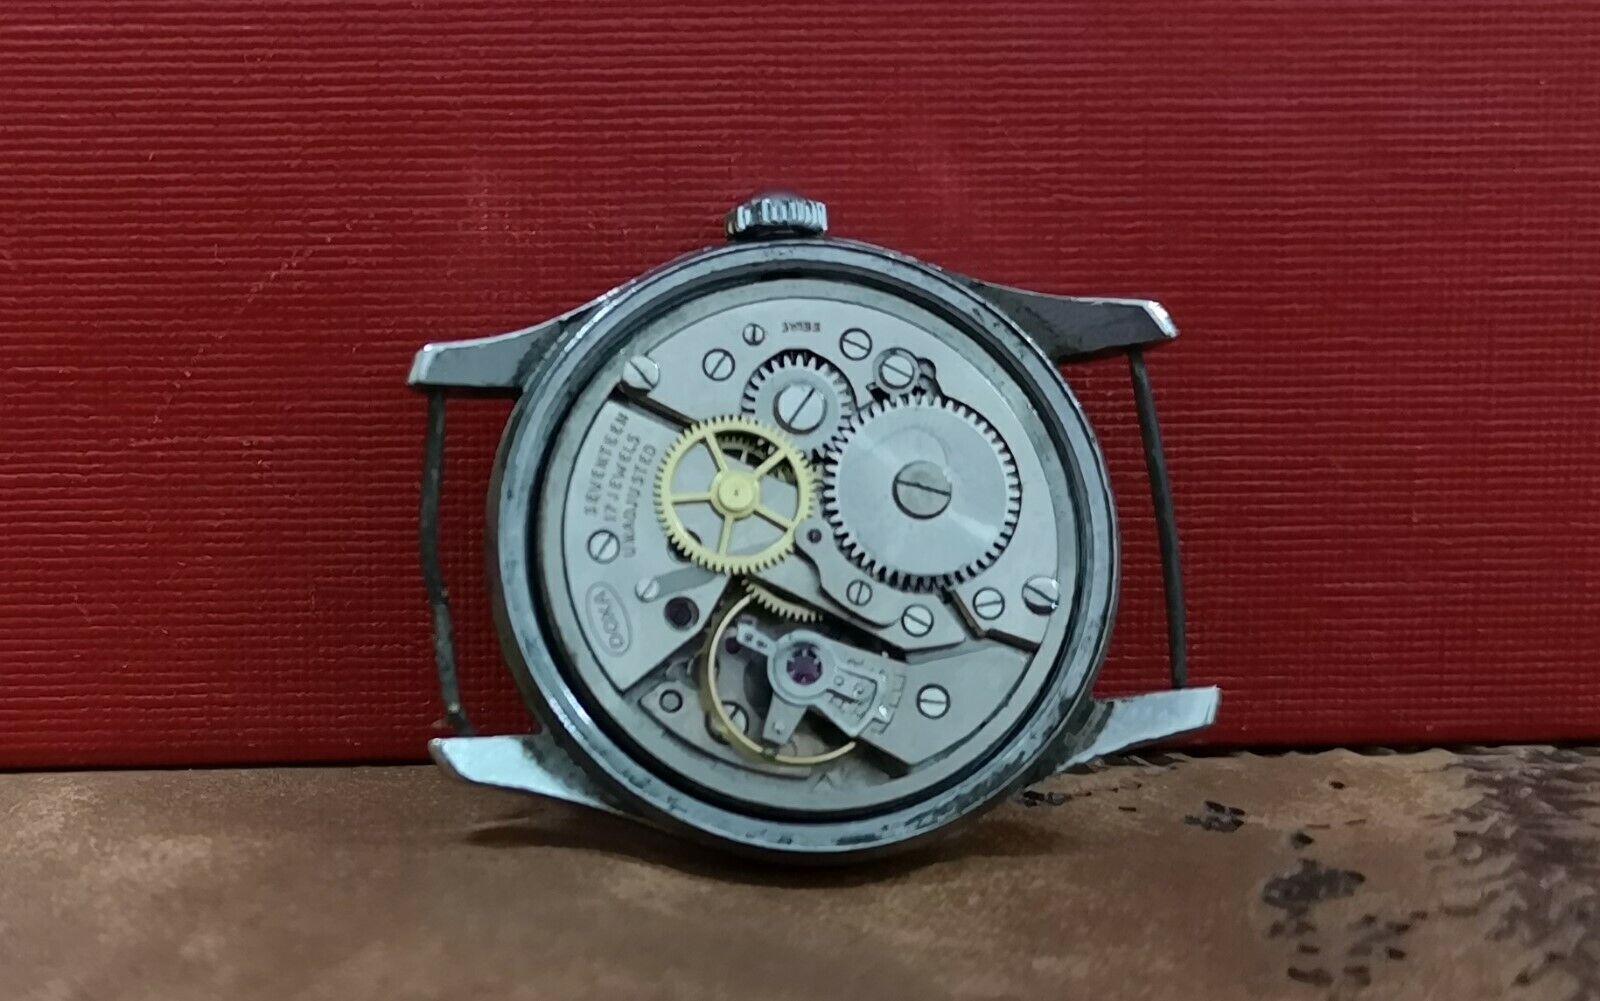 Immagine 51 - DOXA SECONDA GUERRA MONDIALE ANNI'40 Militare Vintage SS RARA 17J orologio svizzero.